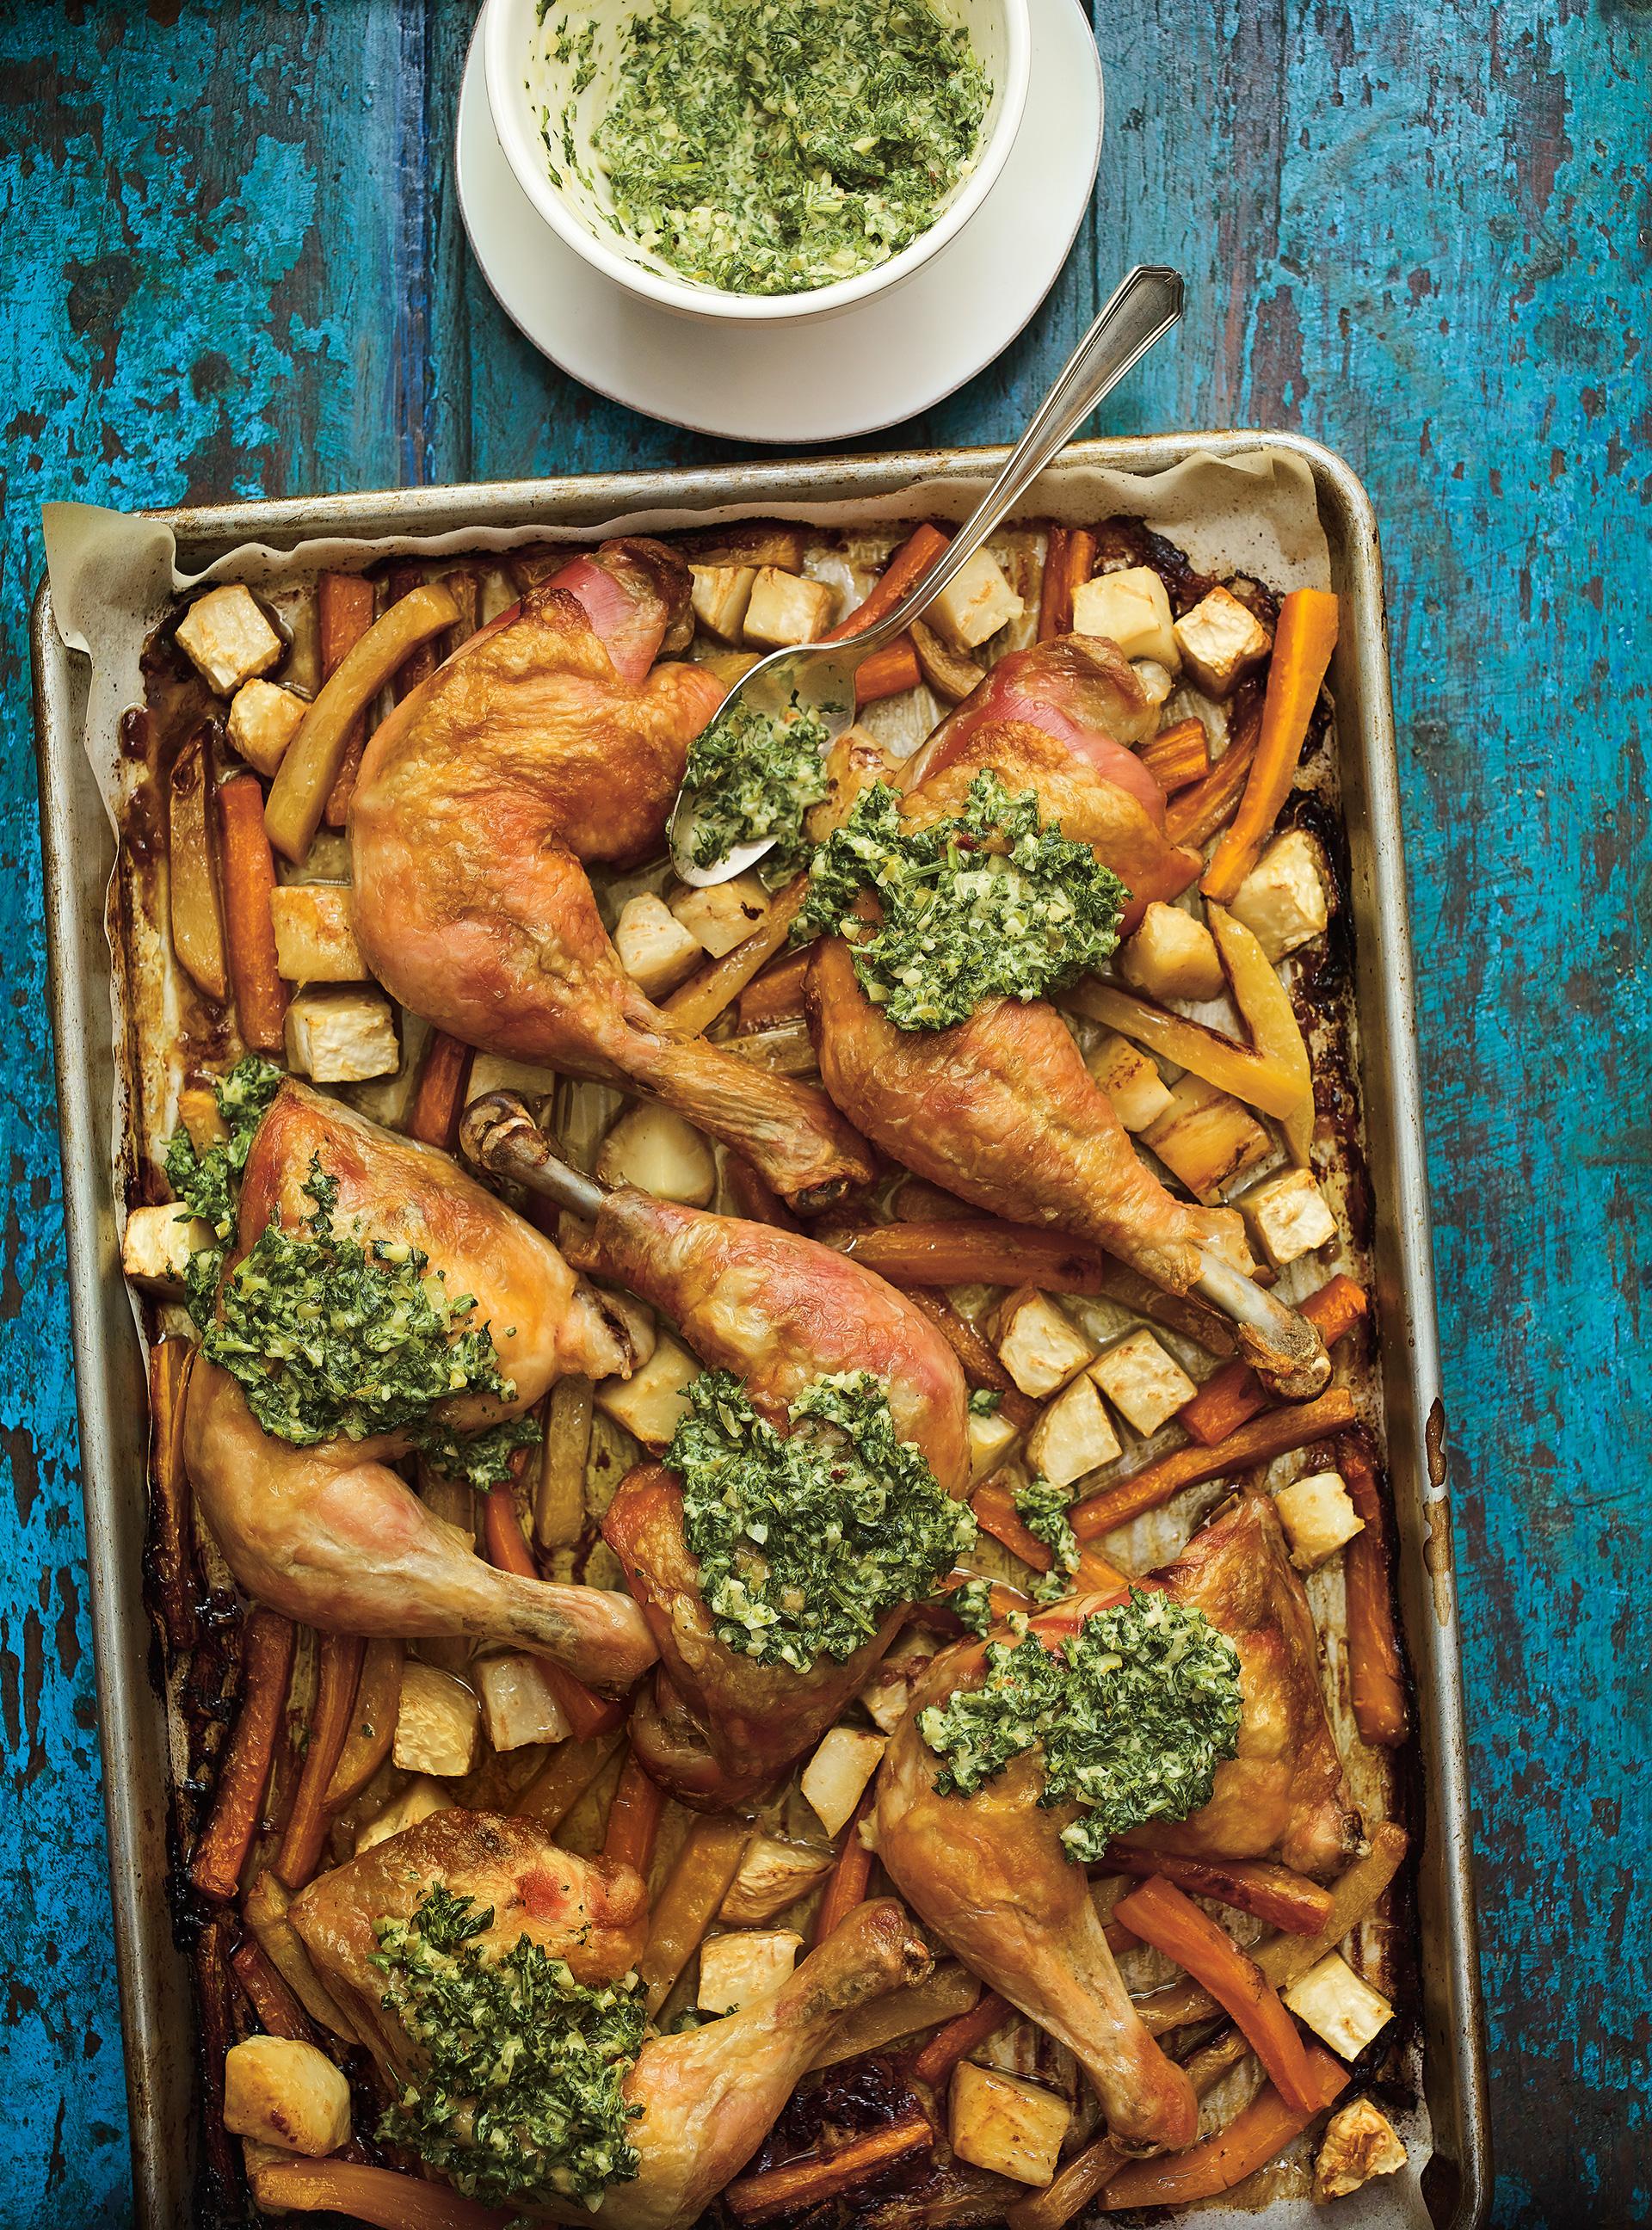 Cuisses de poulet au jus de cornichons et sauce aux herbes | ricardo